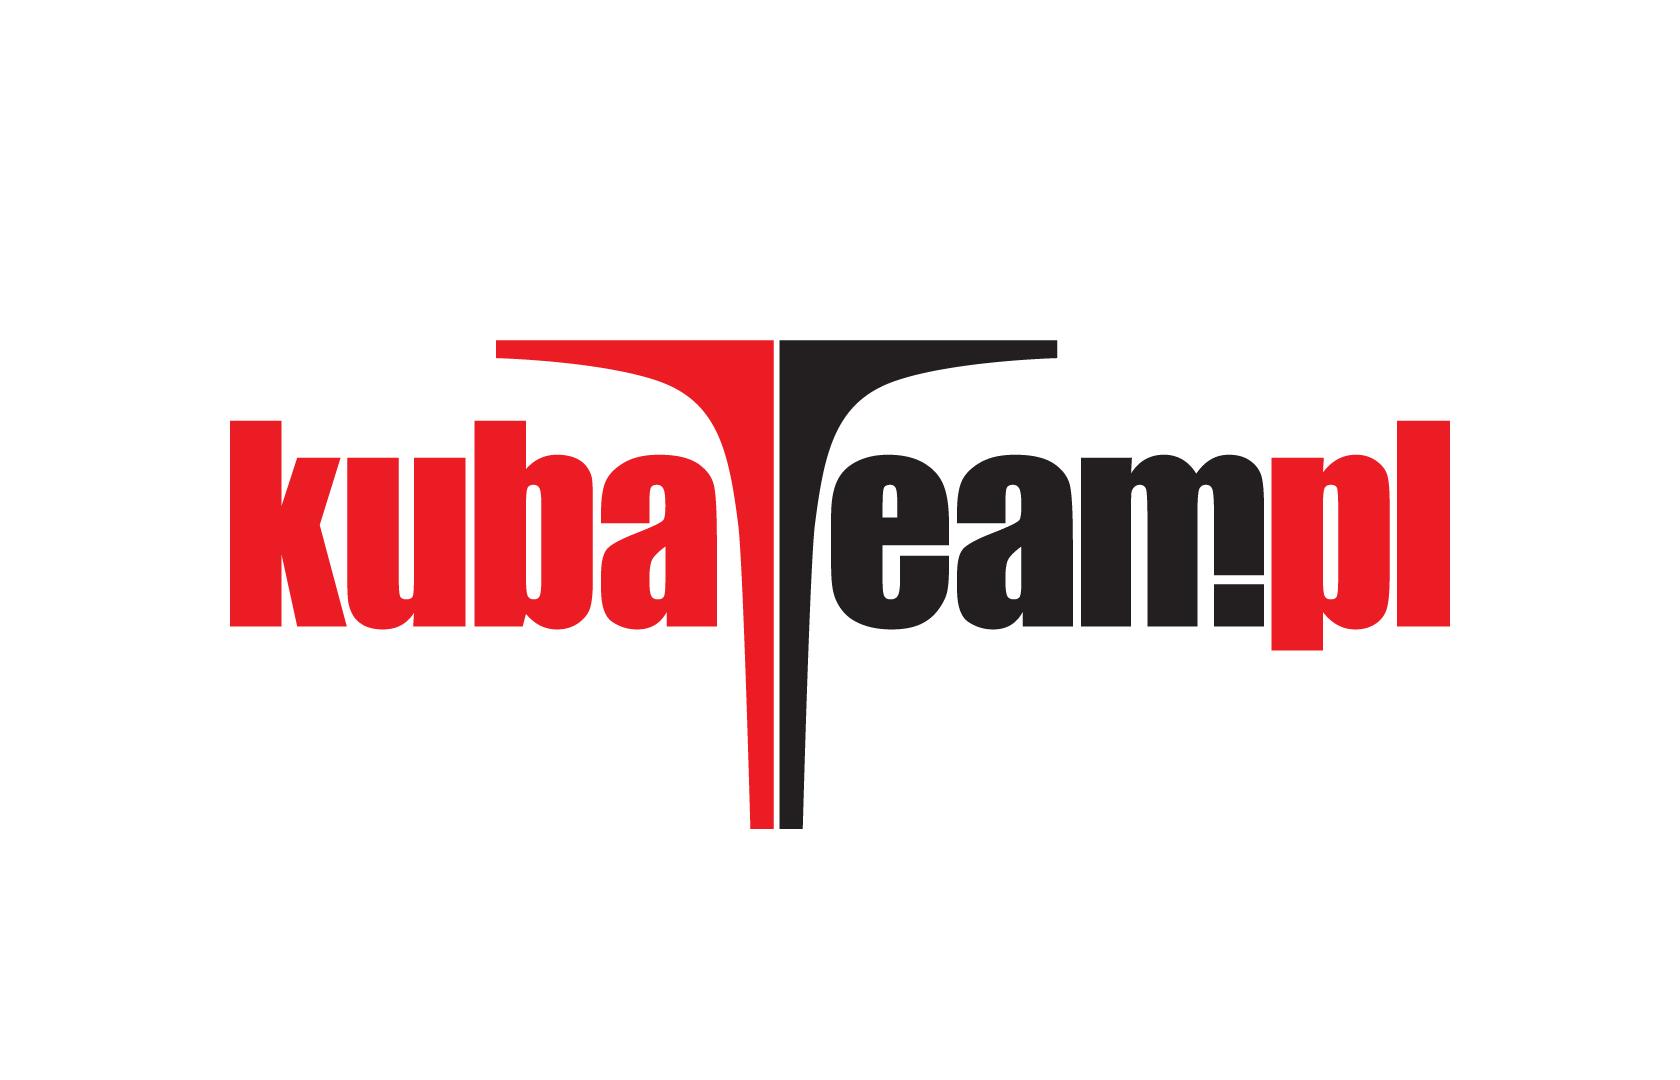 le-grafik-warszawa-projekt-logo-kubat-team